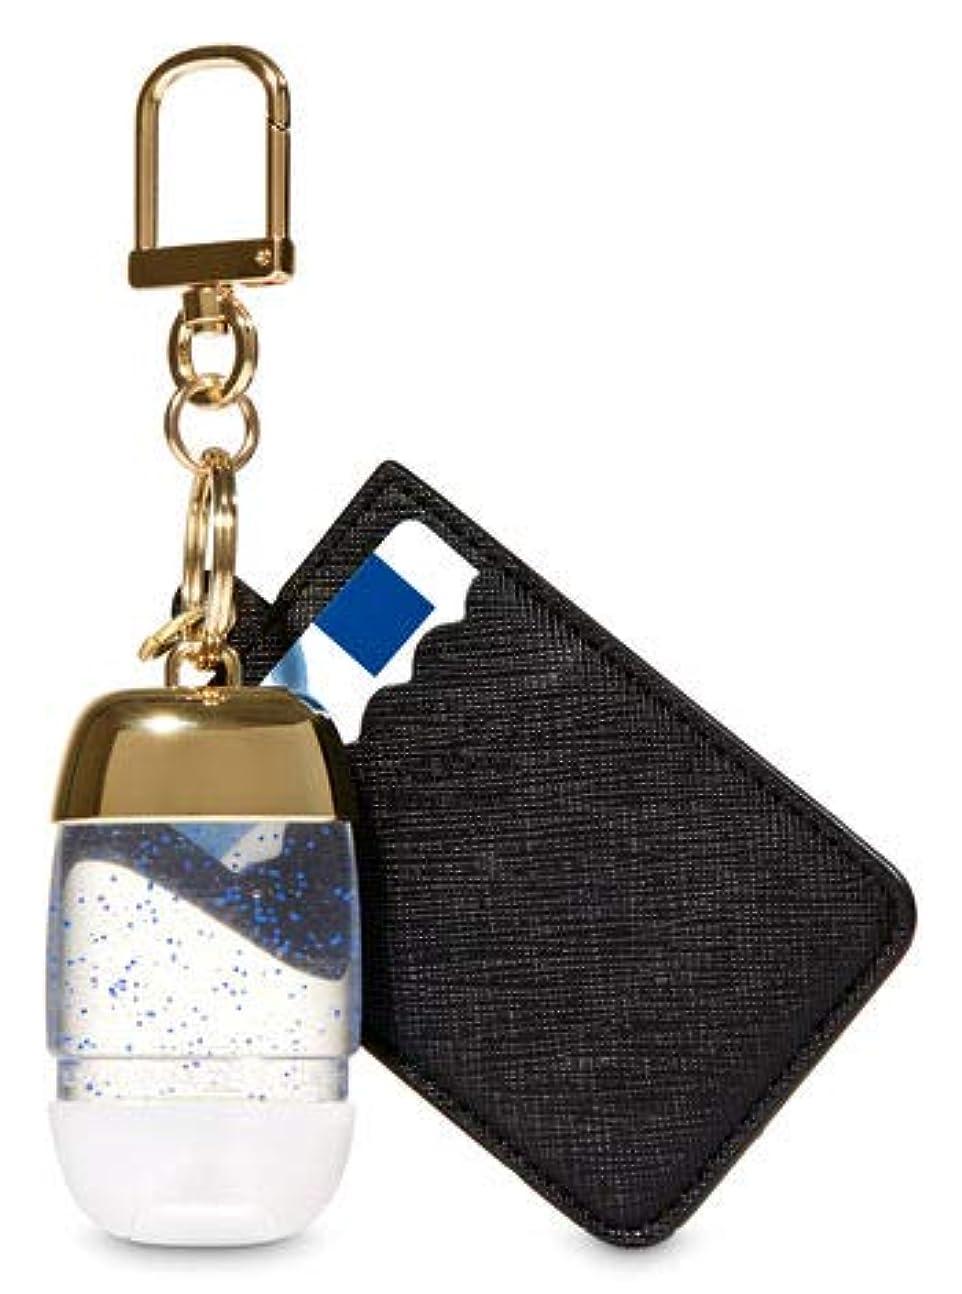 恩恵石膏考え【Bath&Body Works/バス&ボディワークス】 抗菌ハンドジェルホルダー カードケース ブラック&ゴールド Credit Card & PocketBac Holder Black & Gold [並行輸入品]